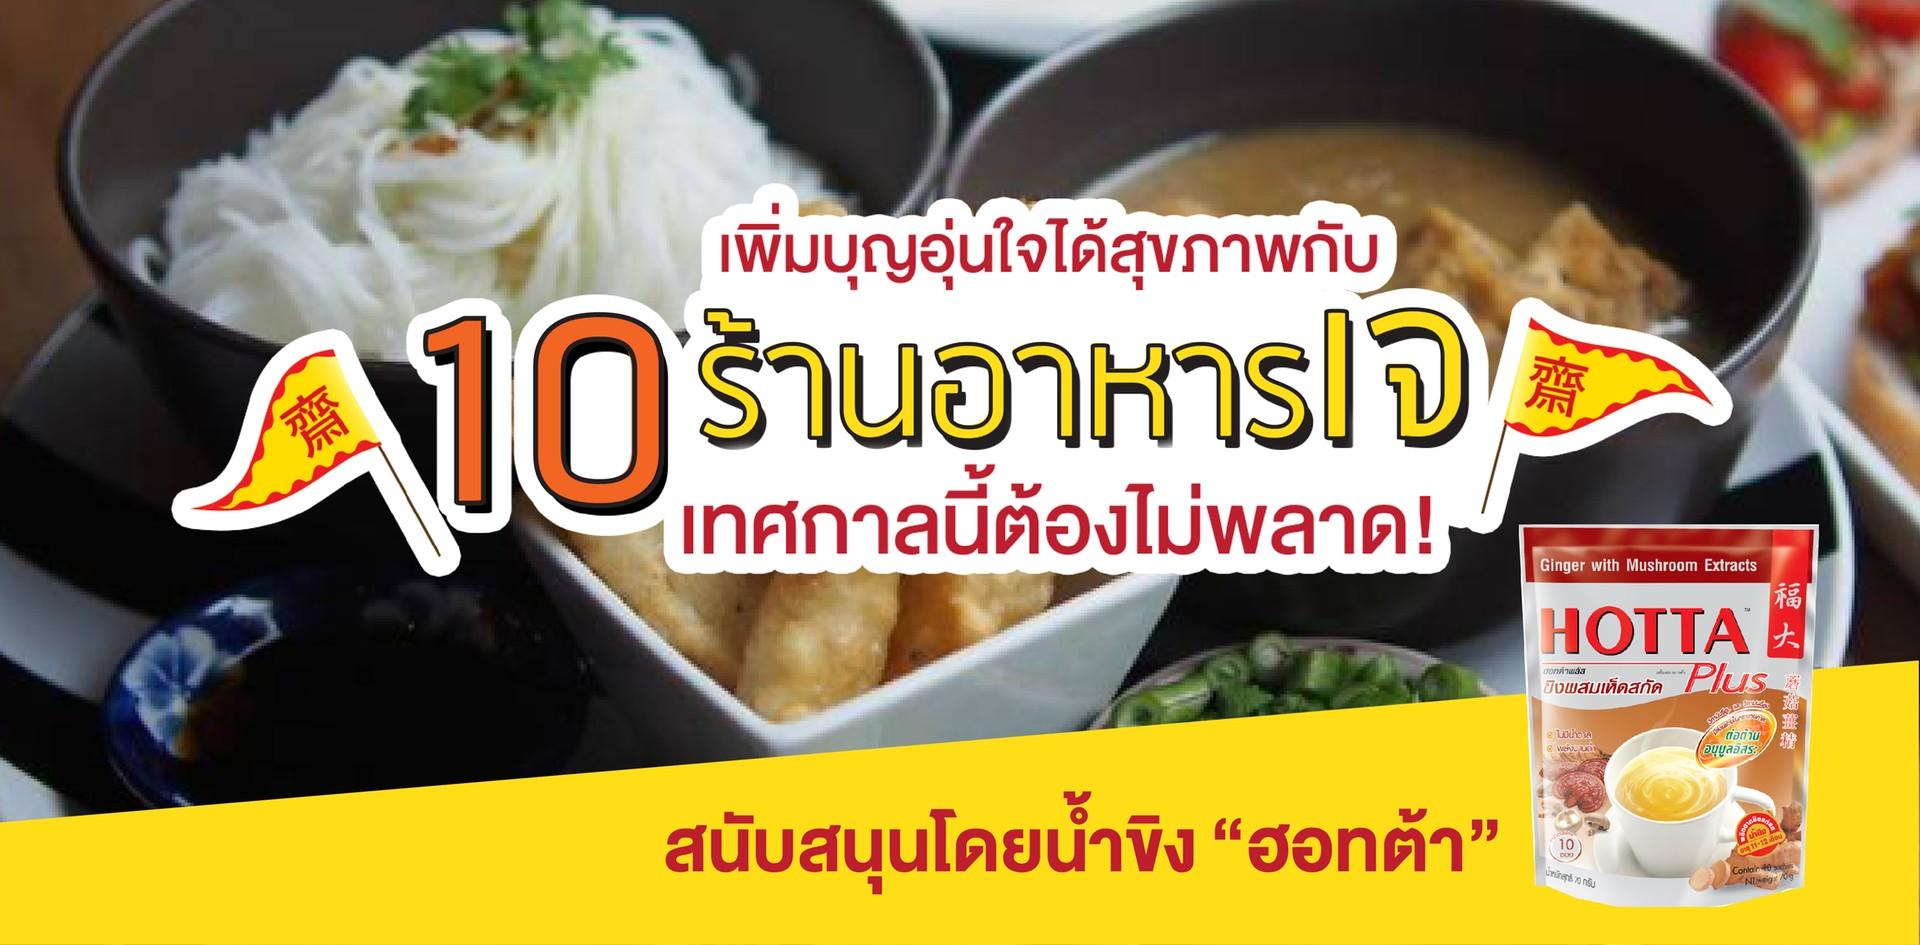 เพิ่มบุญอุ่นใจได้สุขภาพกับ 10 ร้านอาหารเจ เทศกาลนี้ต้องไม่พลาด